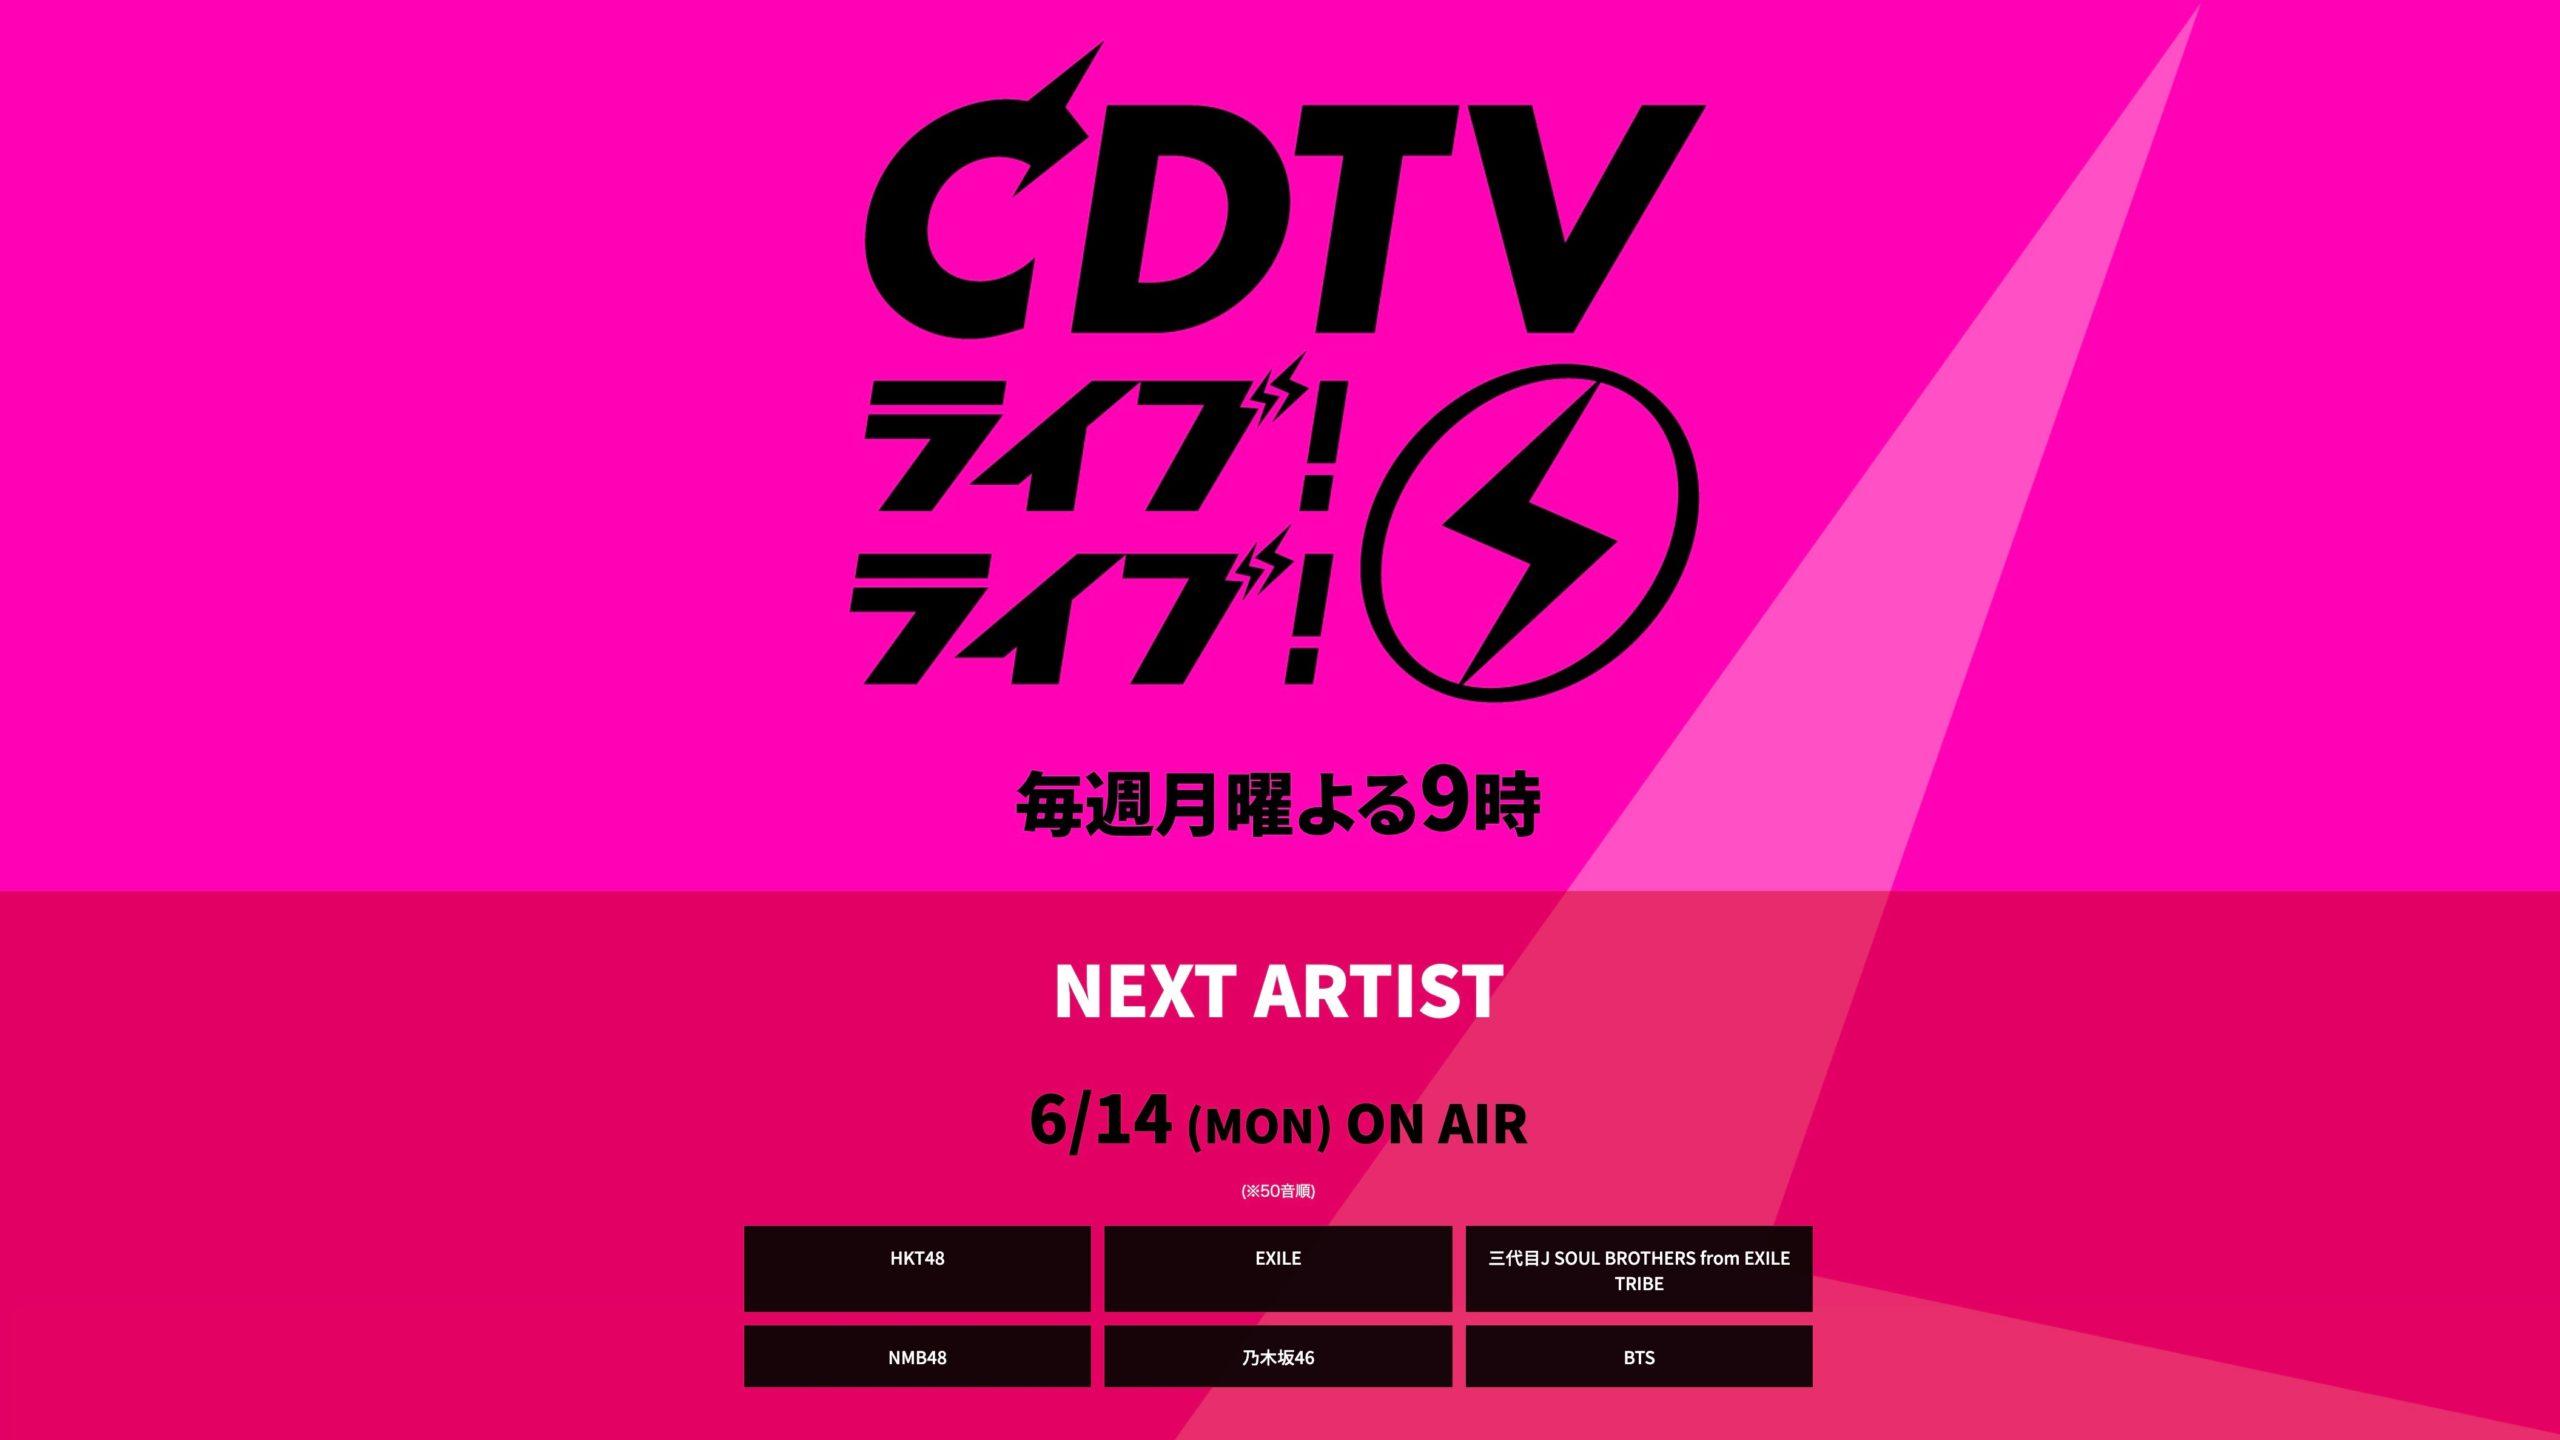 【NMB48】6月14日のCDTV ライブ!ライブ!に出演